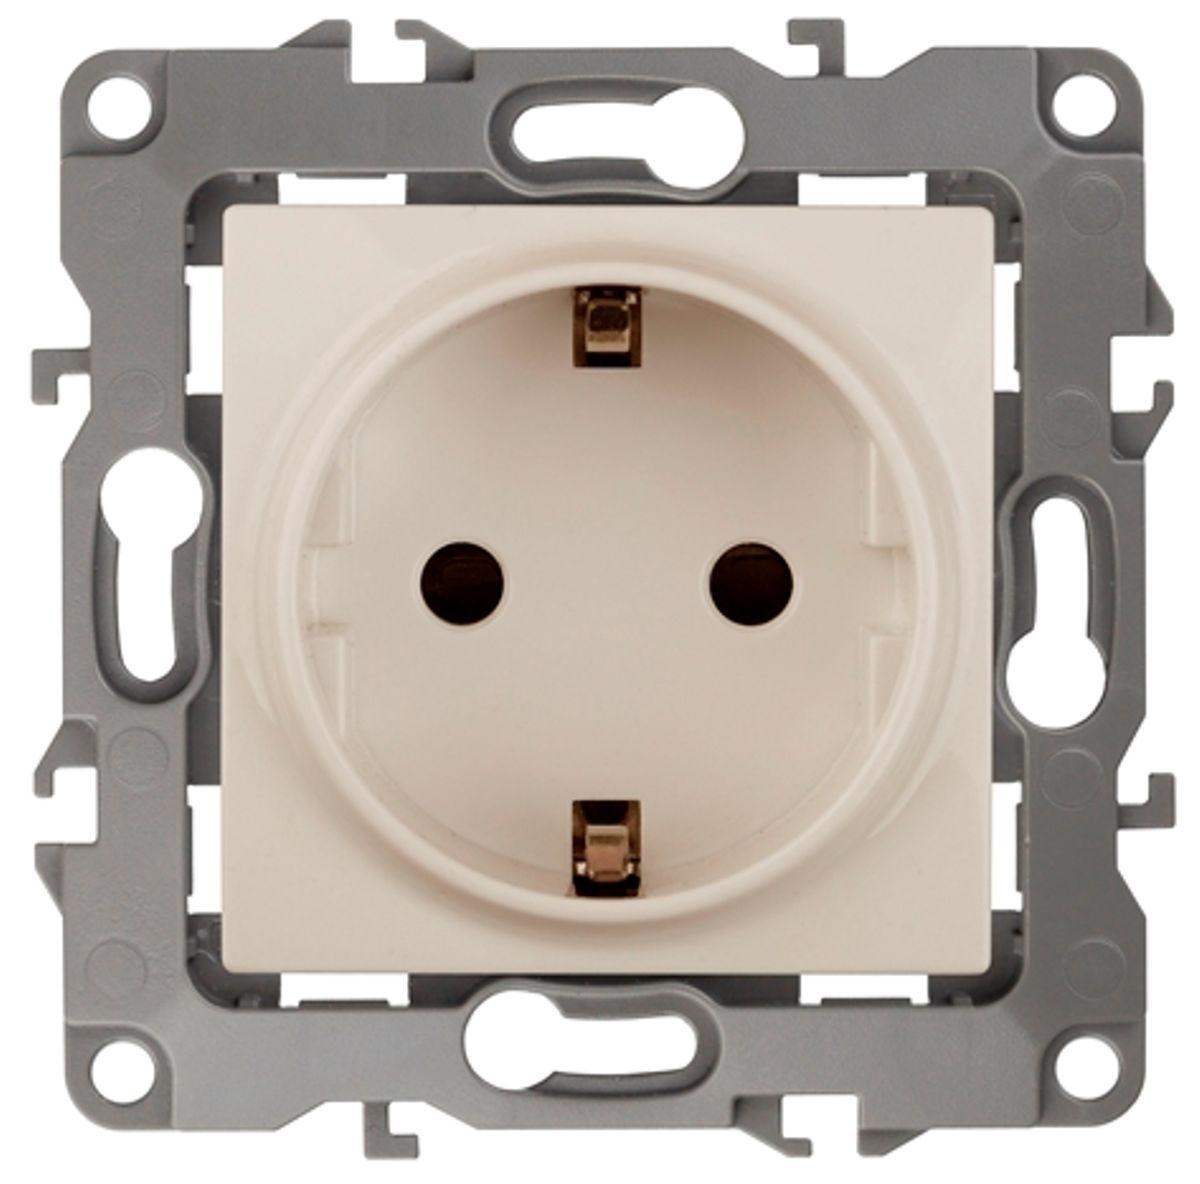 Розетка одинарная Эра, со шторками, цвет: слоновая кость. 12-2102-0212-2102-02Одинарная розетка Эра с заземлением, скрытой установки, со шторками, имеет бронзовые контакты и фиксаторы модулей. Автоматические зажимы кабеля обеспечивают быстрый и надежный монтаж изделия к электросети без отвертки и не требуют обслуживания в отличие от винтовых зажимов.